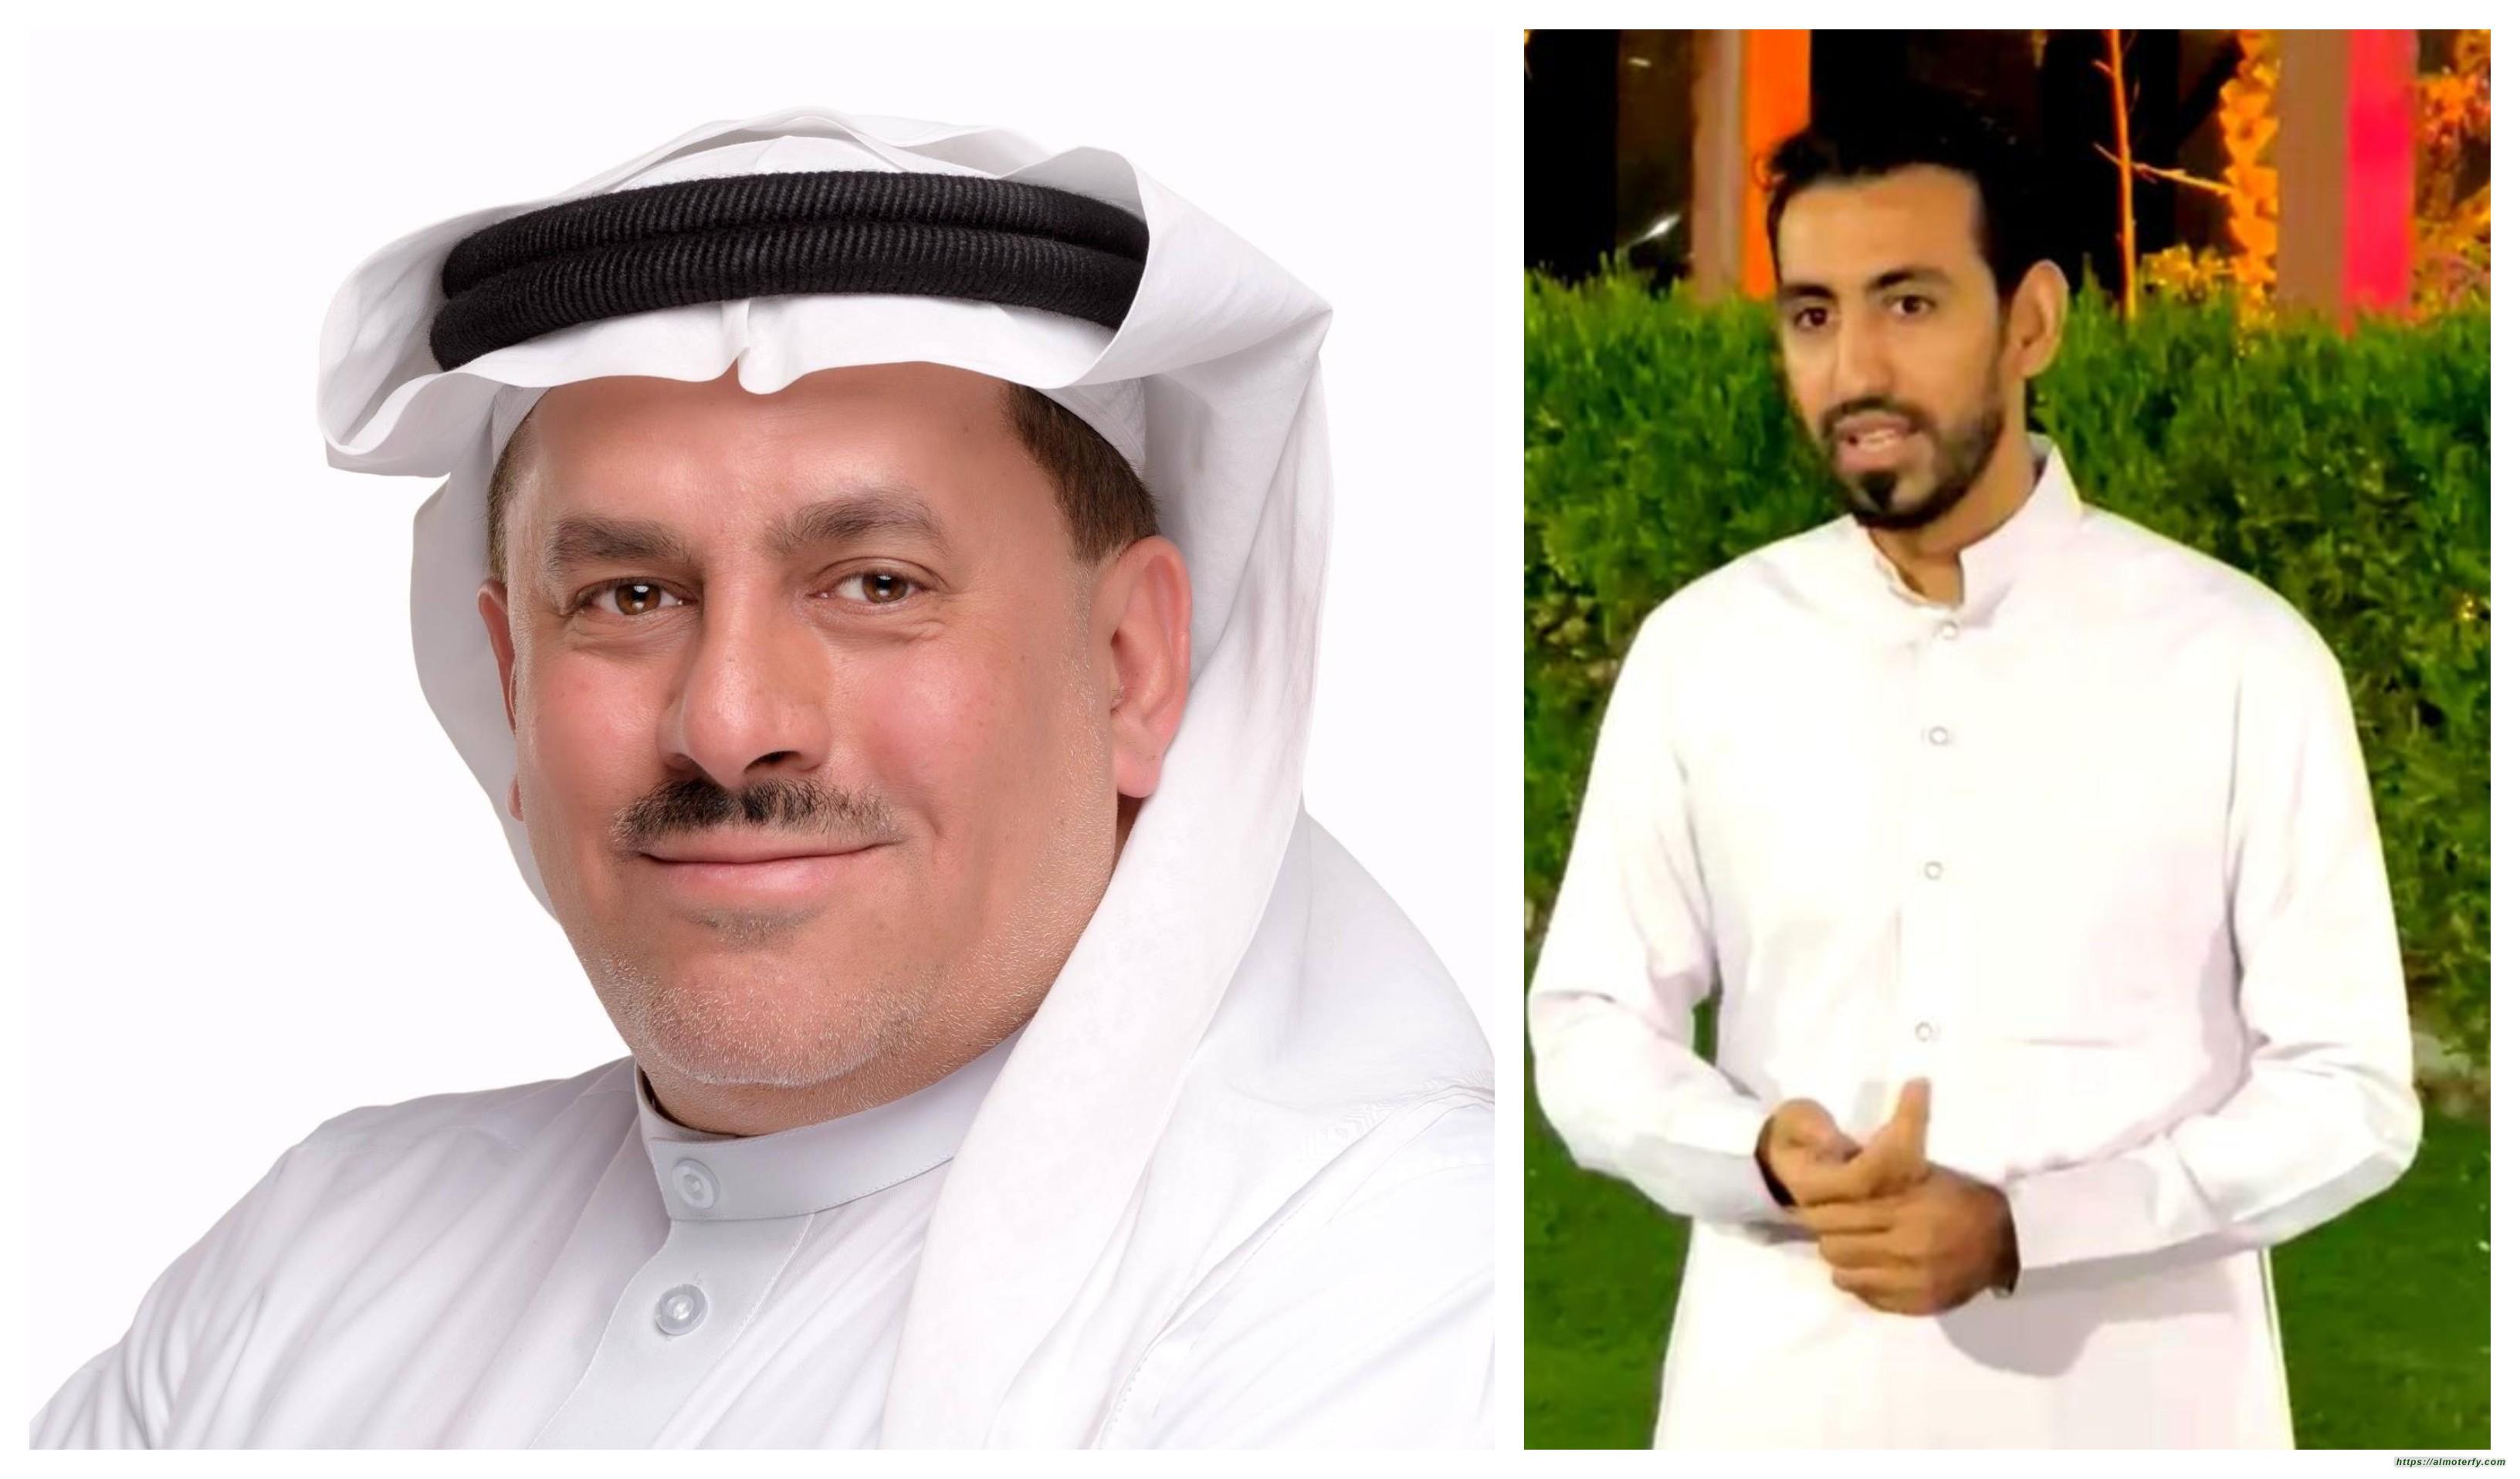 أصدقاءٌ نادرون أعتز كثيراً بمعرفتهم - رضا أحمد الخليفة